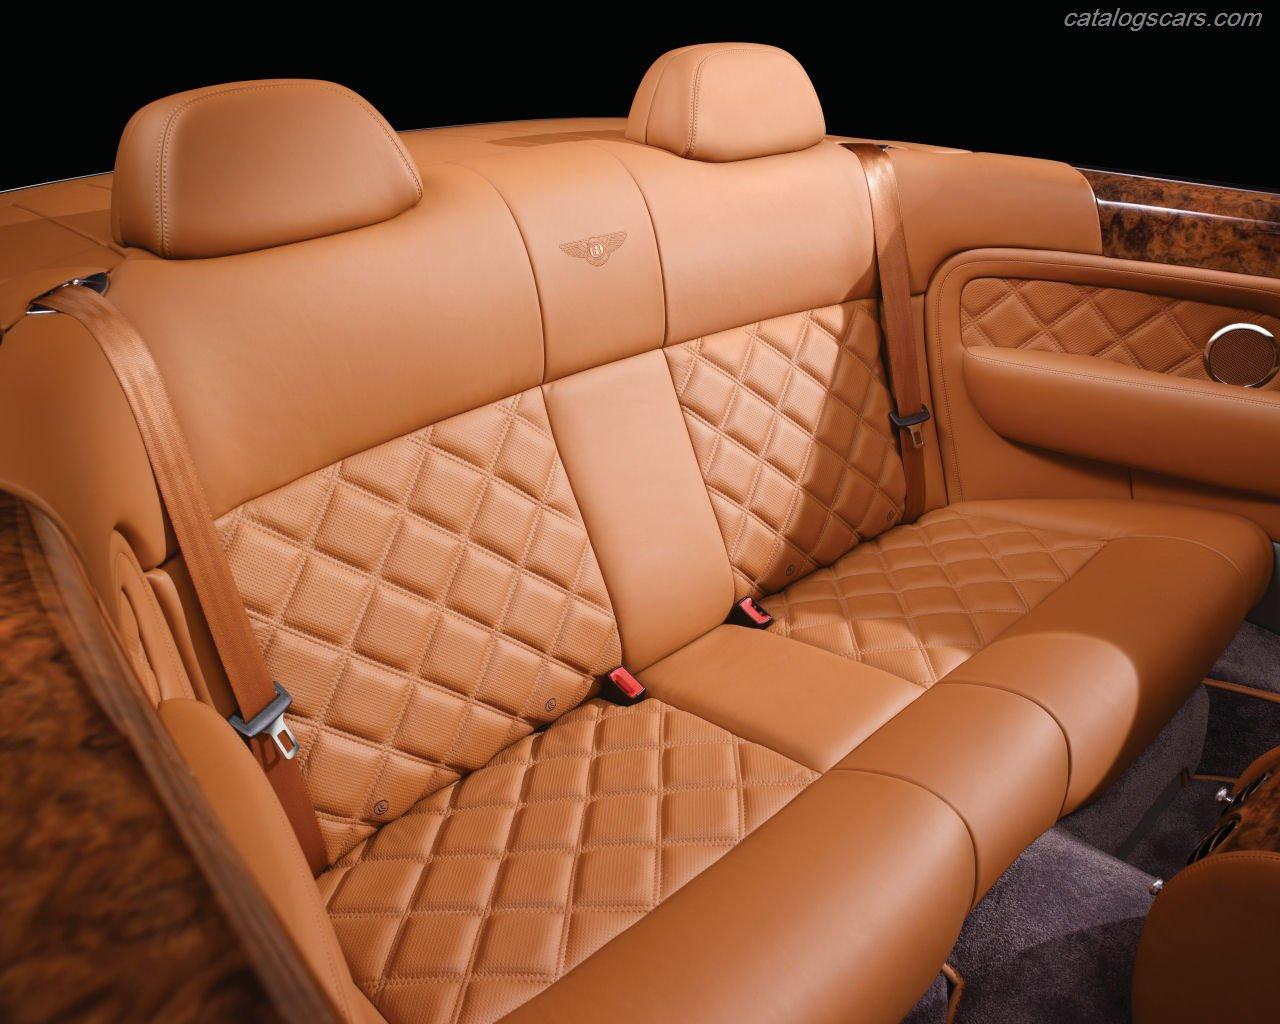 صور سيارة بنتلى ازور 2014 - اجمل خلفيات صور عربية بنتلى ازور 2014 - Bentley Azure Photos Bentley-Azure-2011-09.jpg